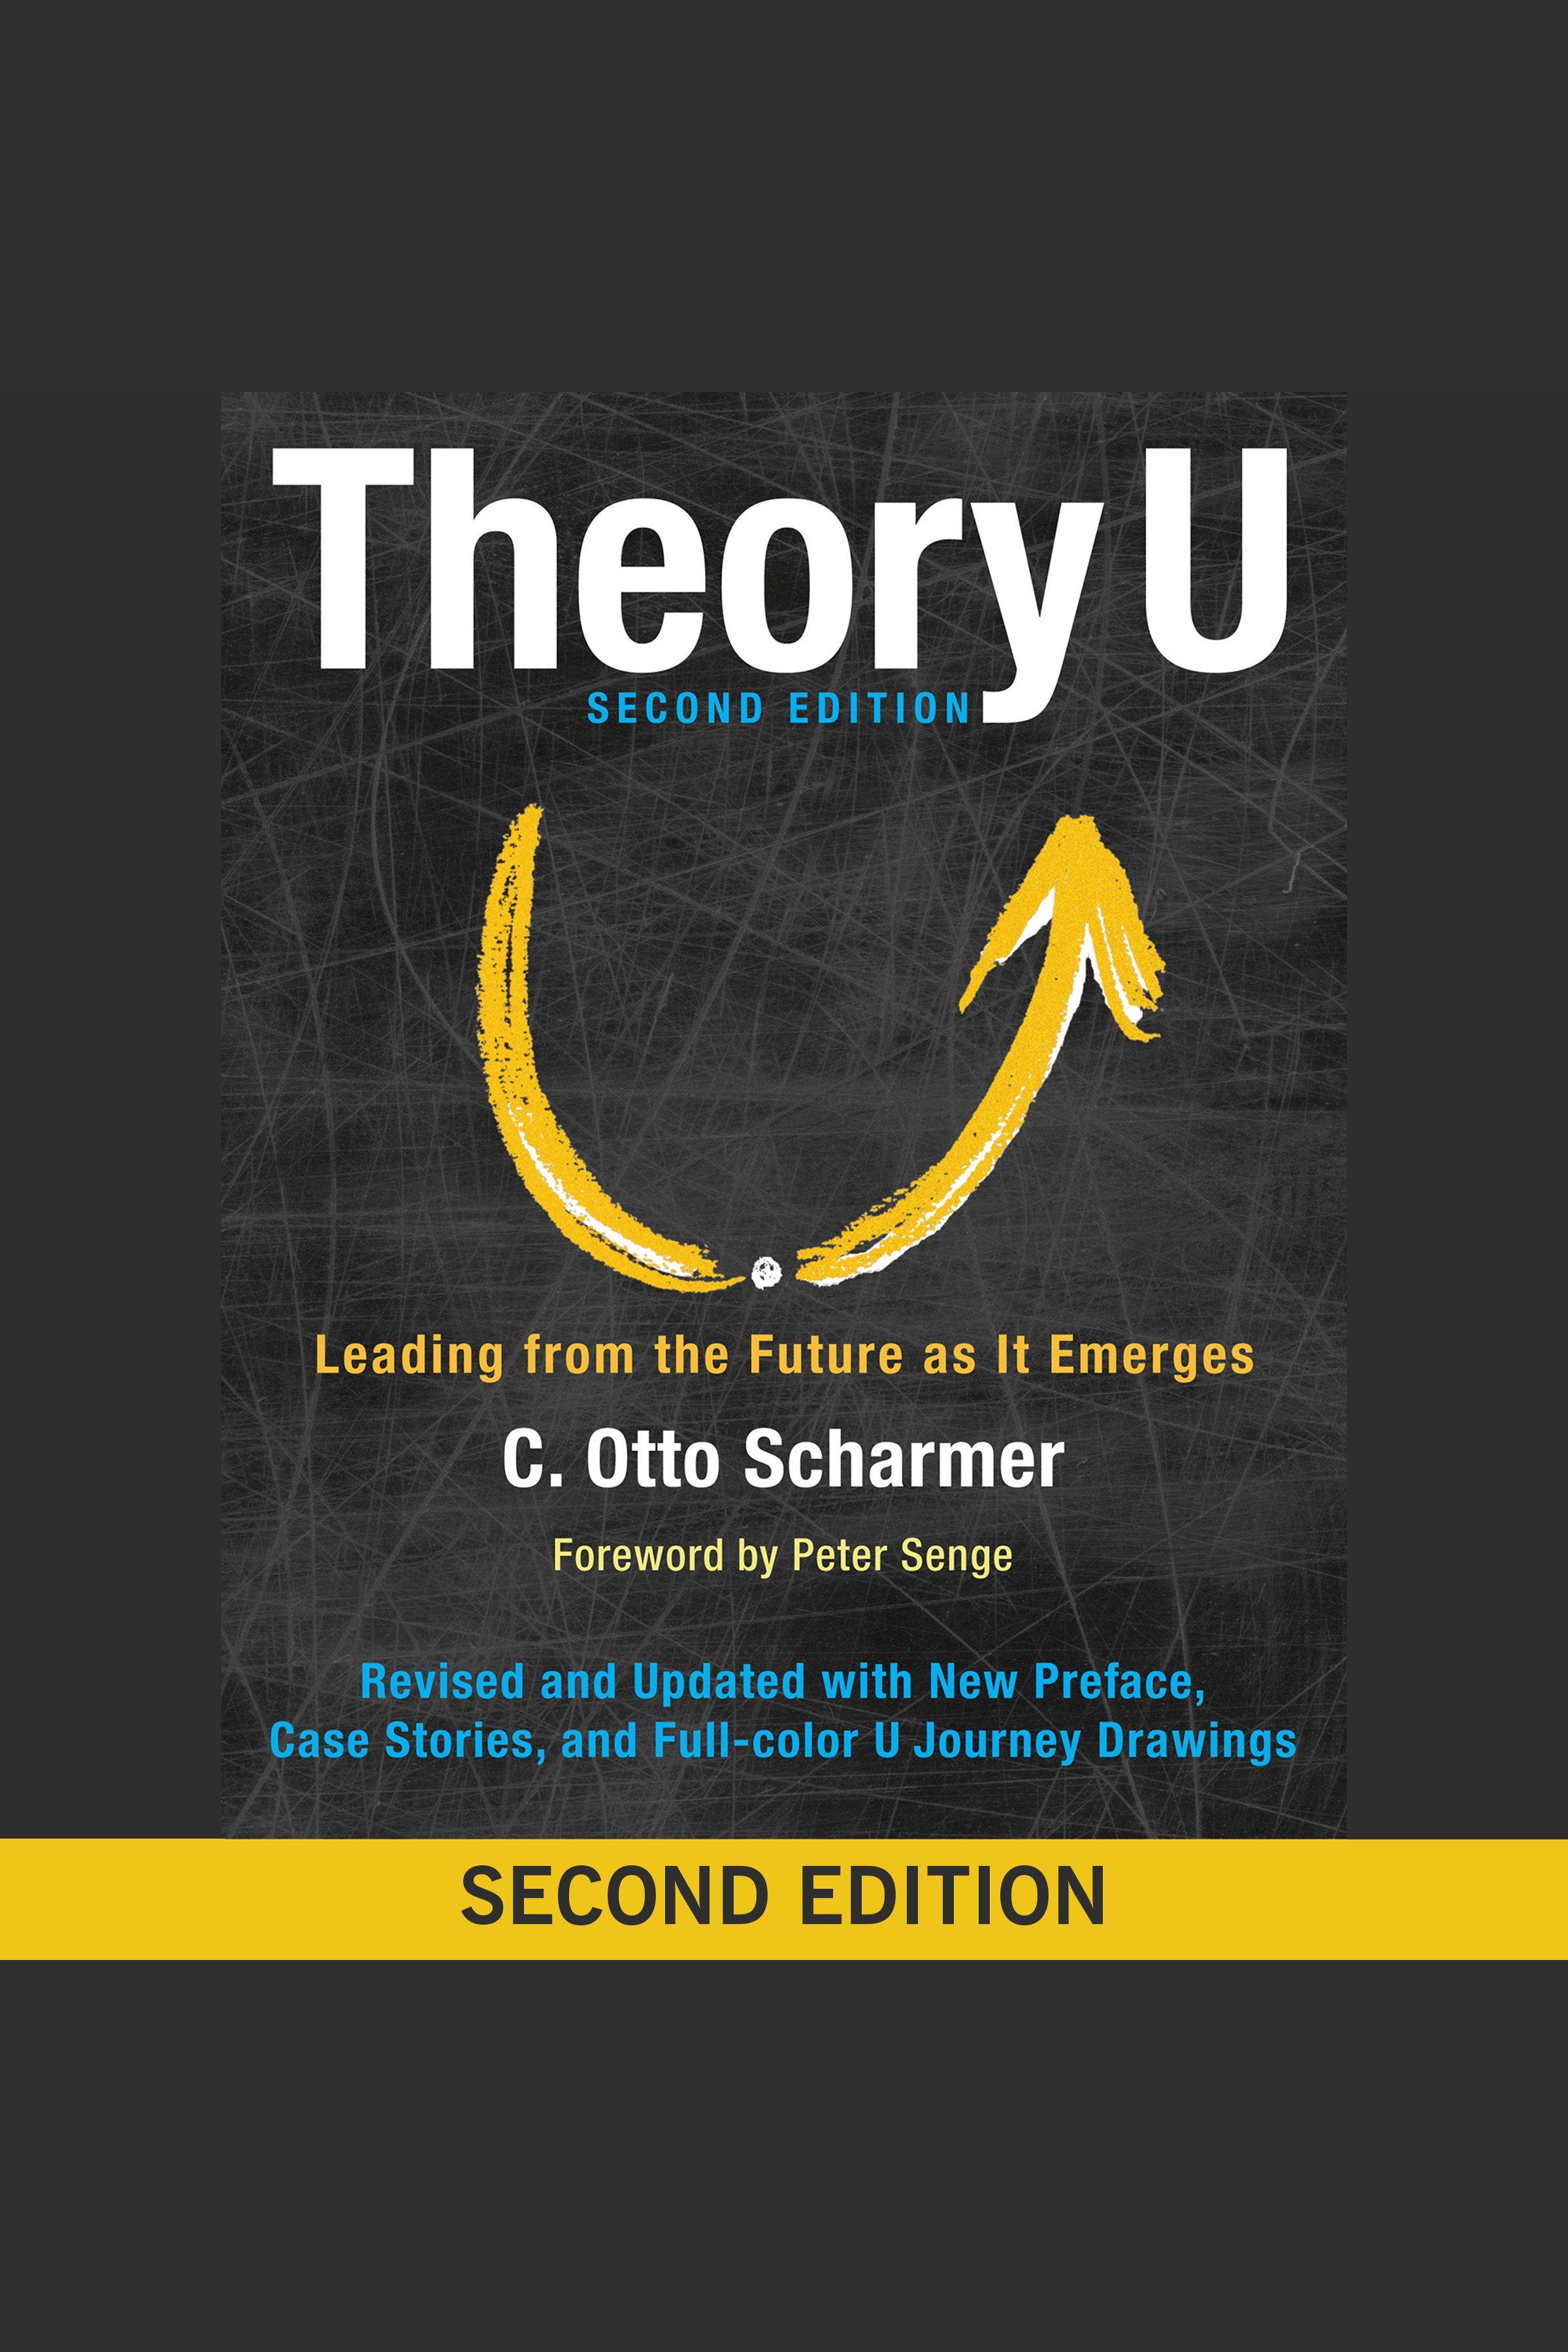 Esta es la portada del audiolibro Theory U